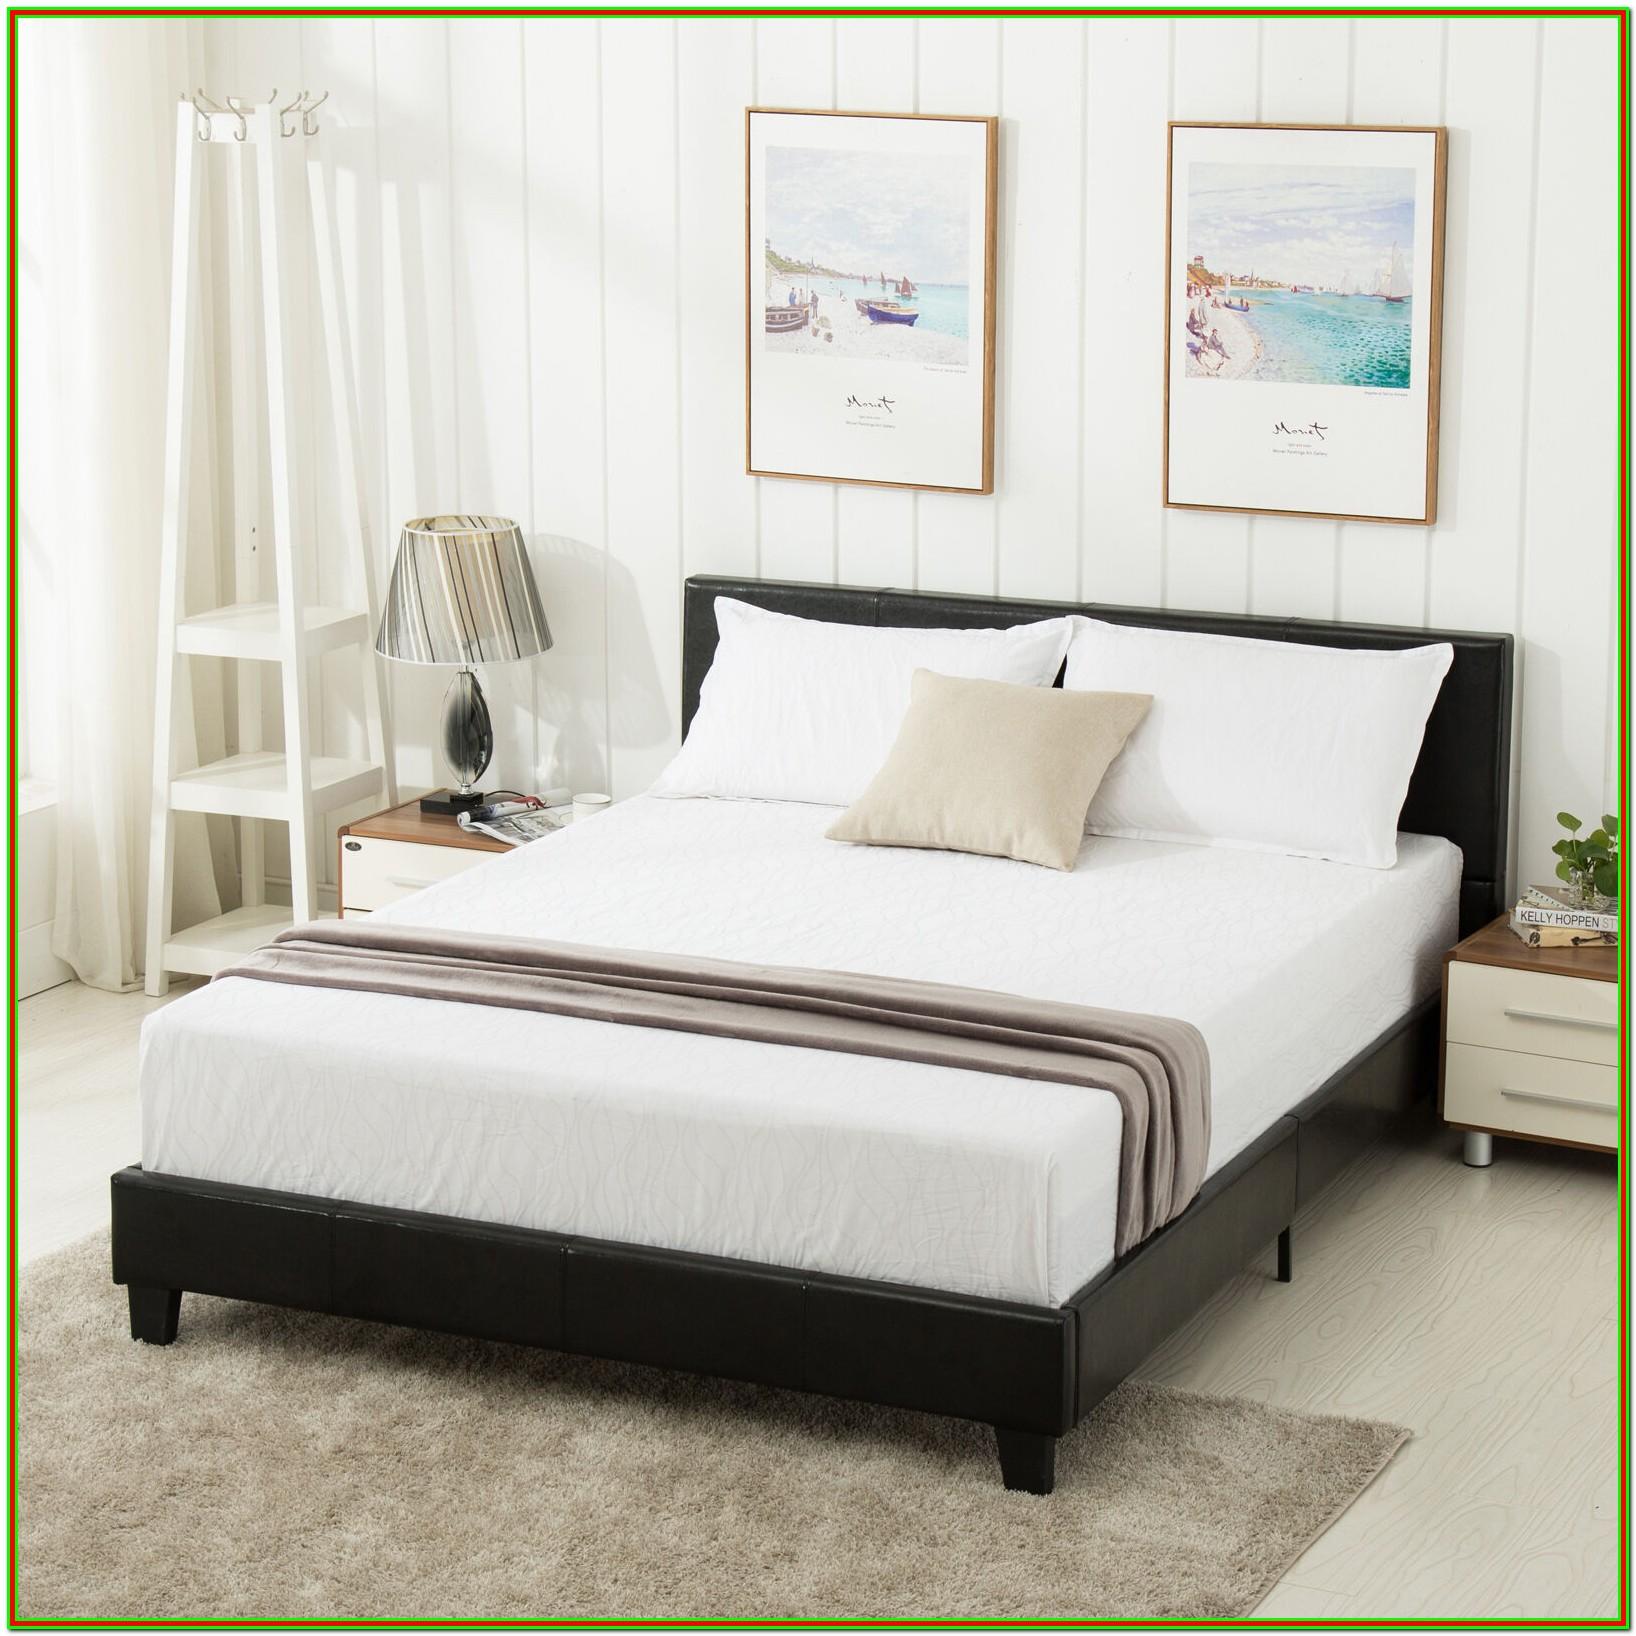 Queen Size Bed Headboard Measurements